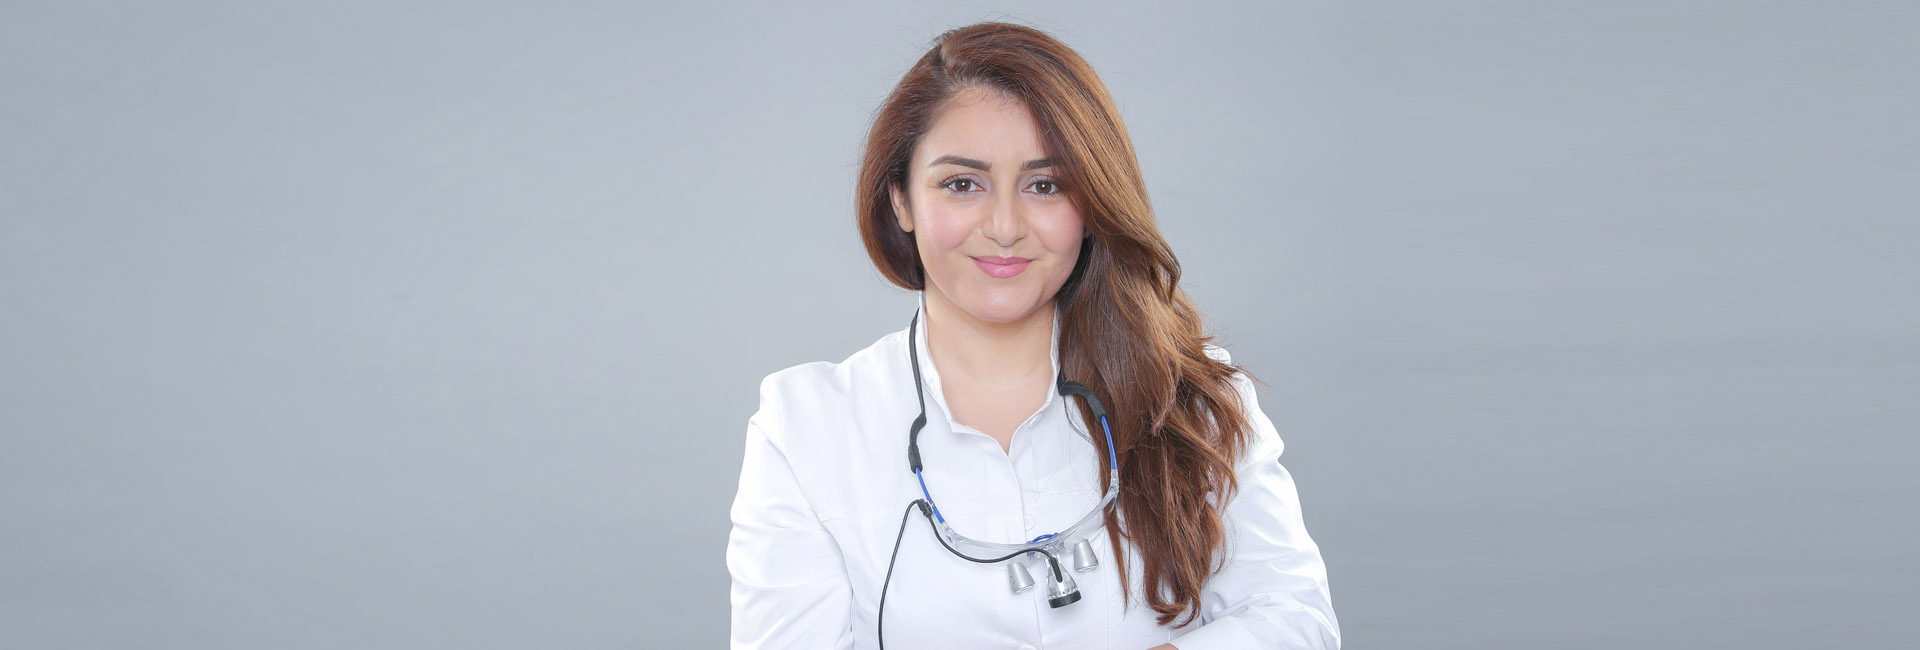 zahnarzt-tornesch-sabah-dentalmedizin-4